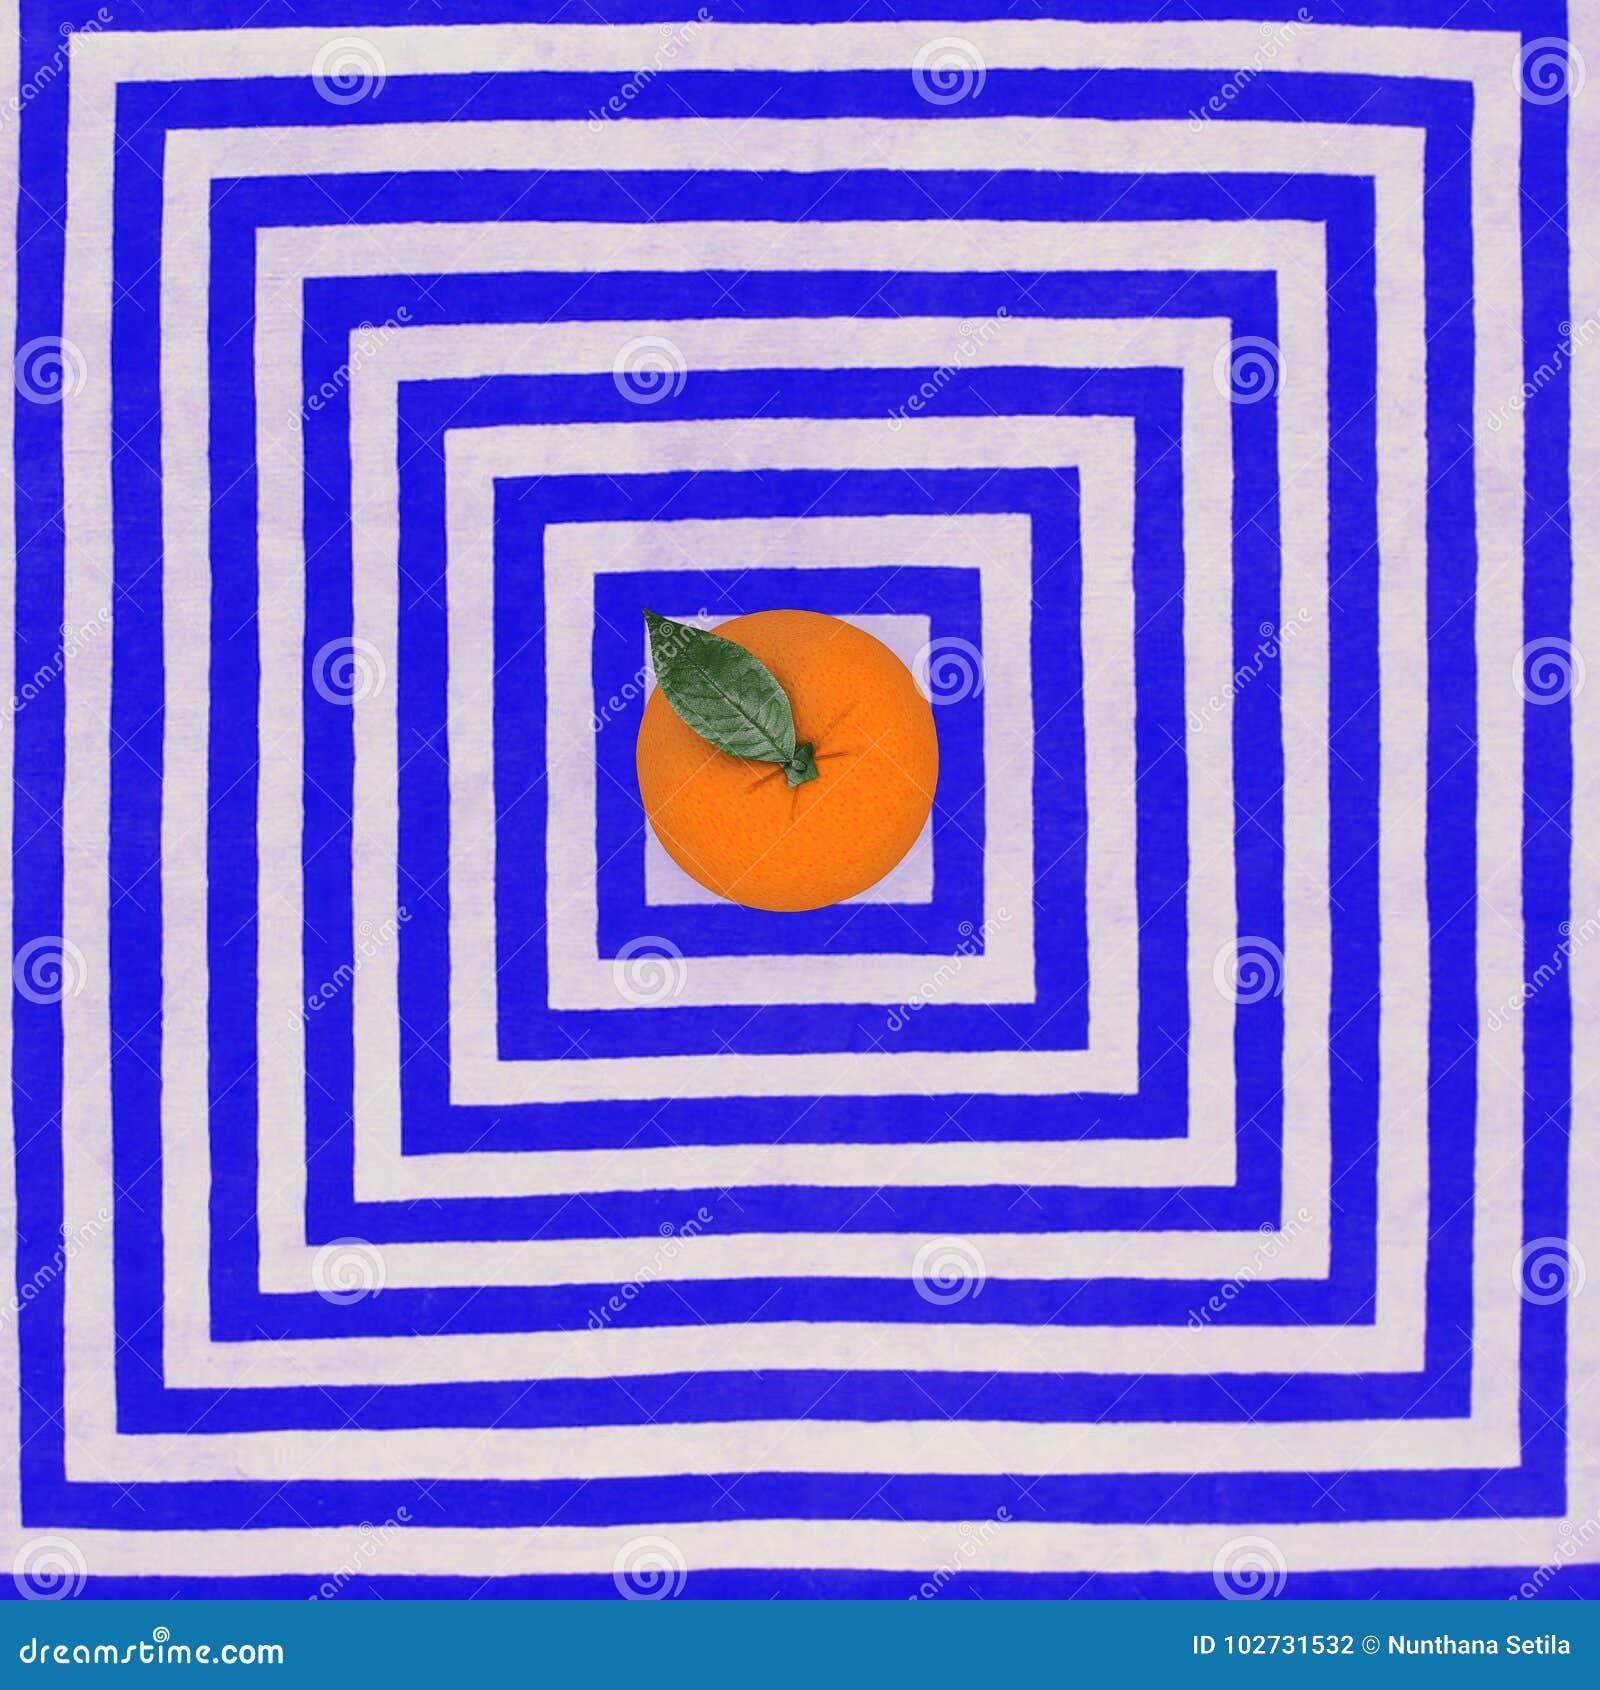 7579ce73f46b Fruta Creativa Del Concepto: Naranja Excepcional En El Modelo Del ...